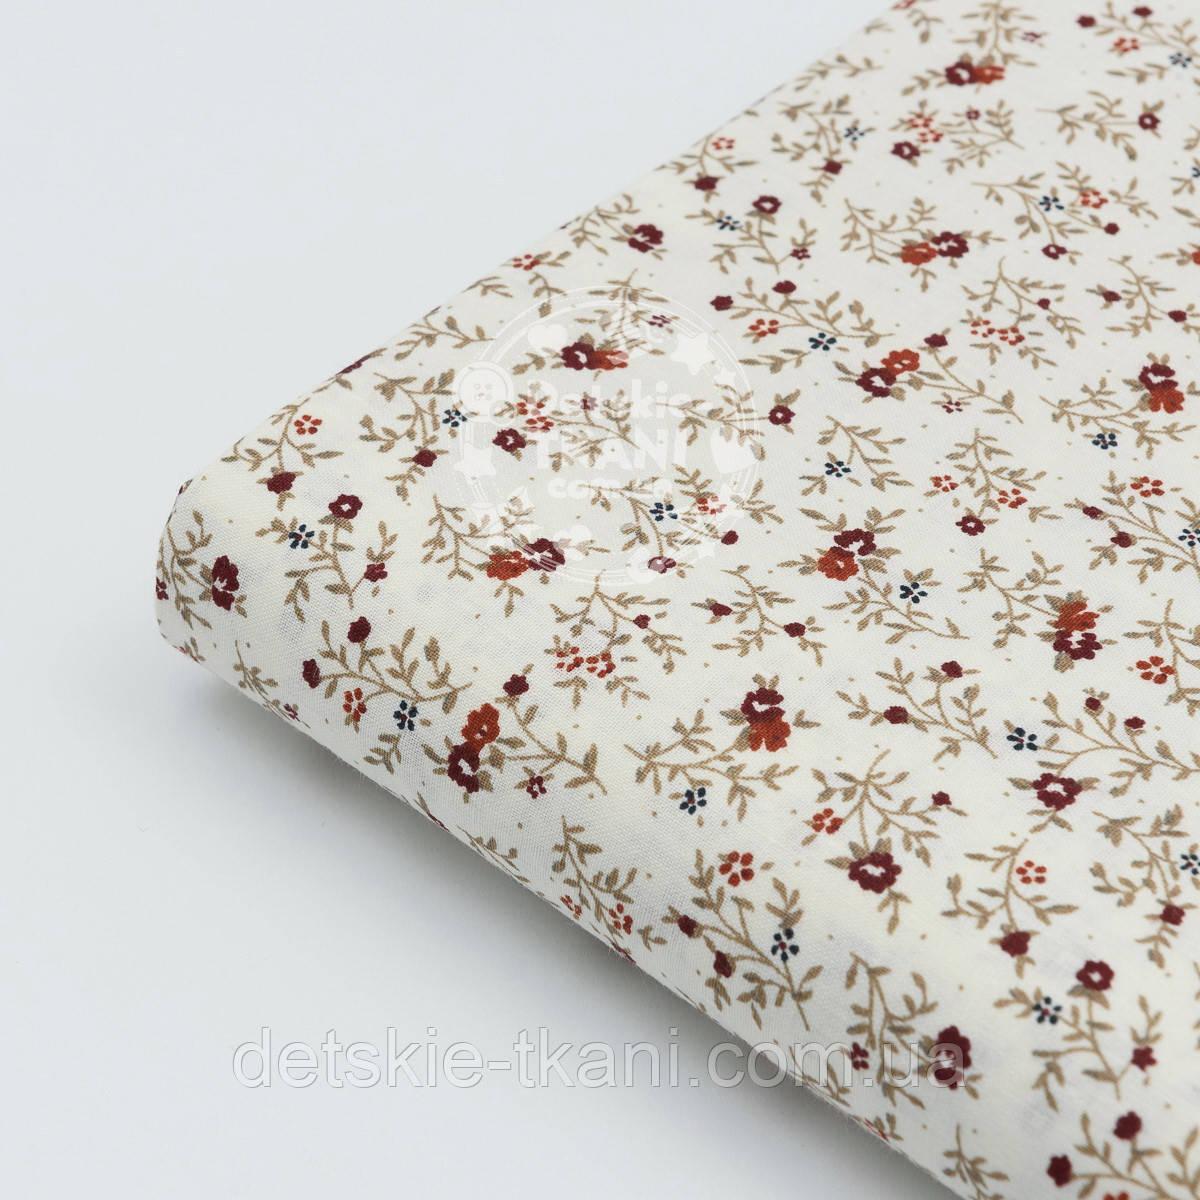 Лоскут ткани №309а с мелкими коричневыми цветочками на бежевом фоне, размер 40*53 см